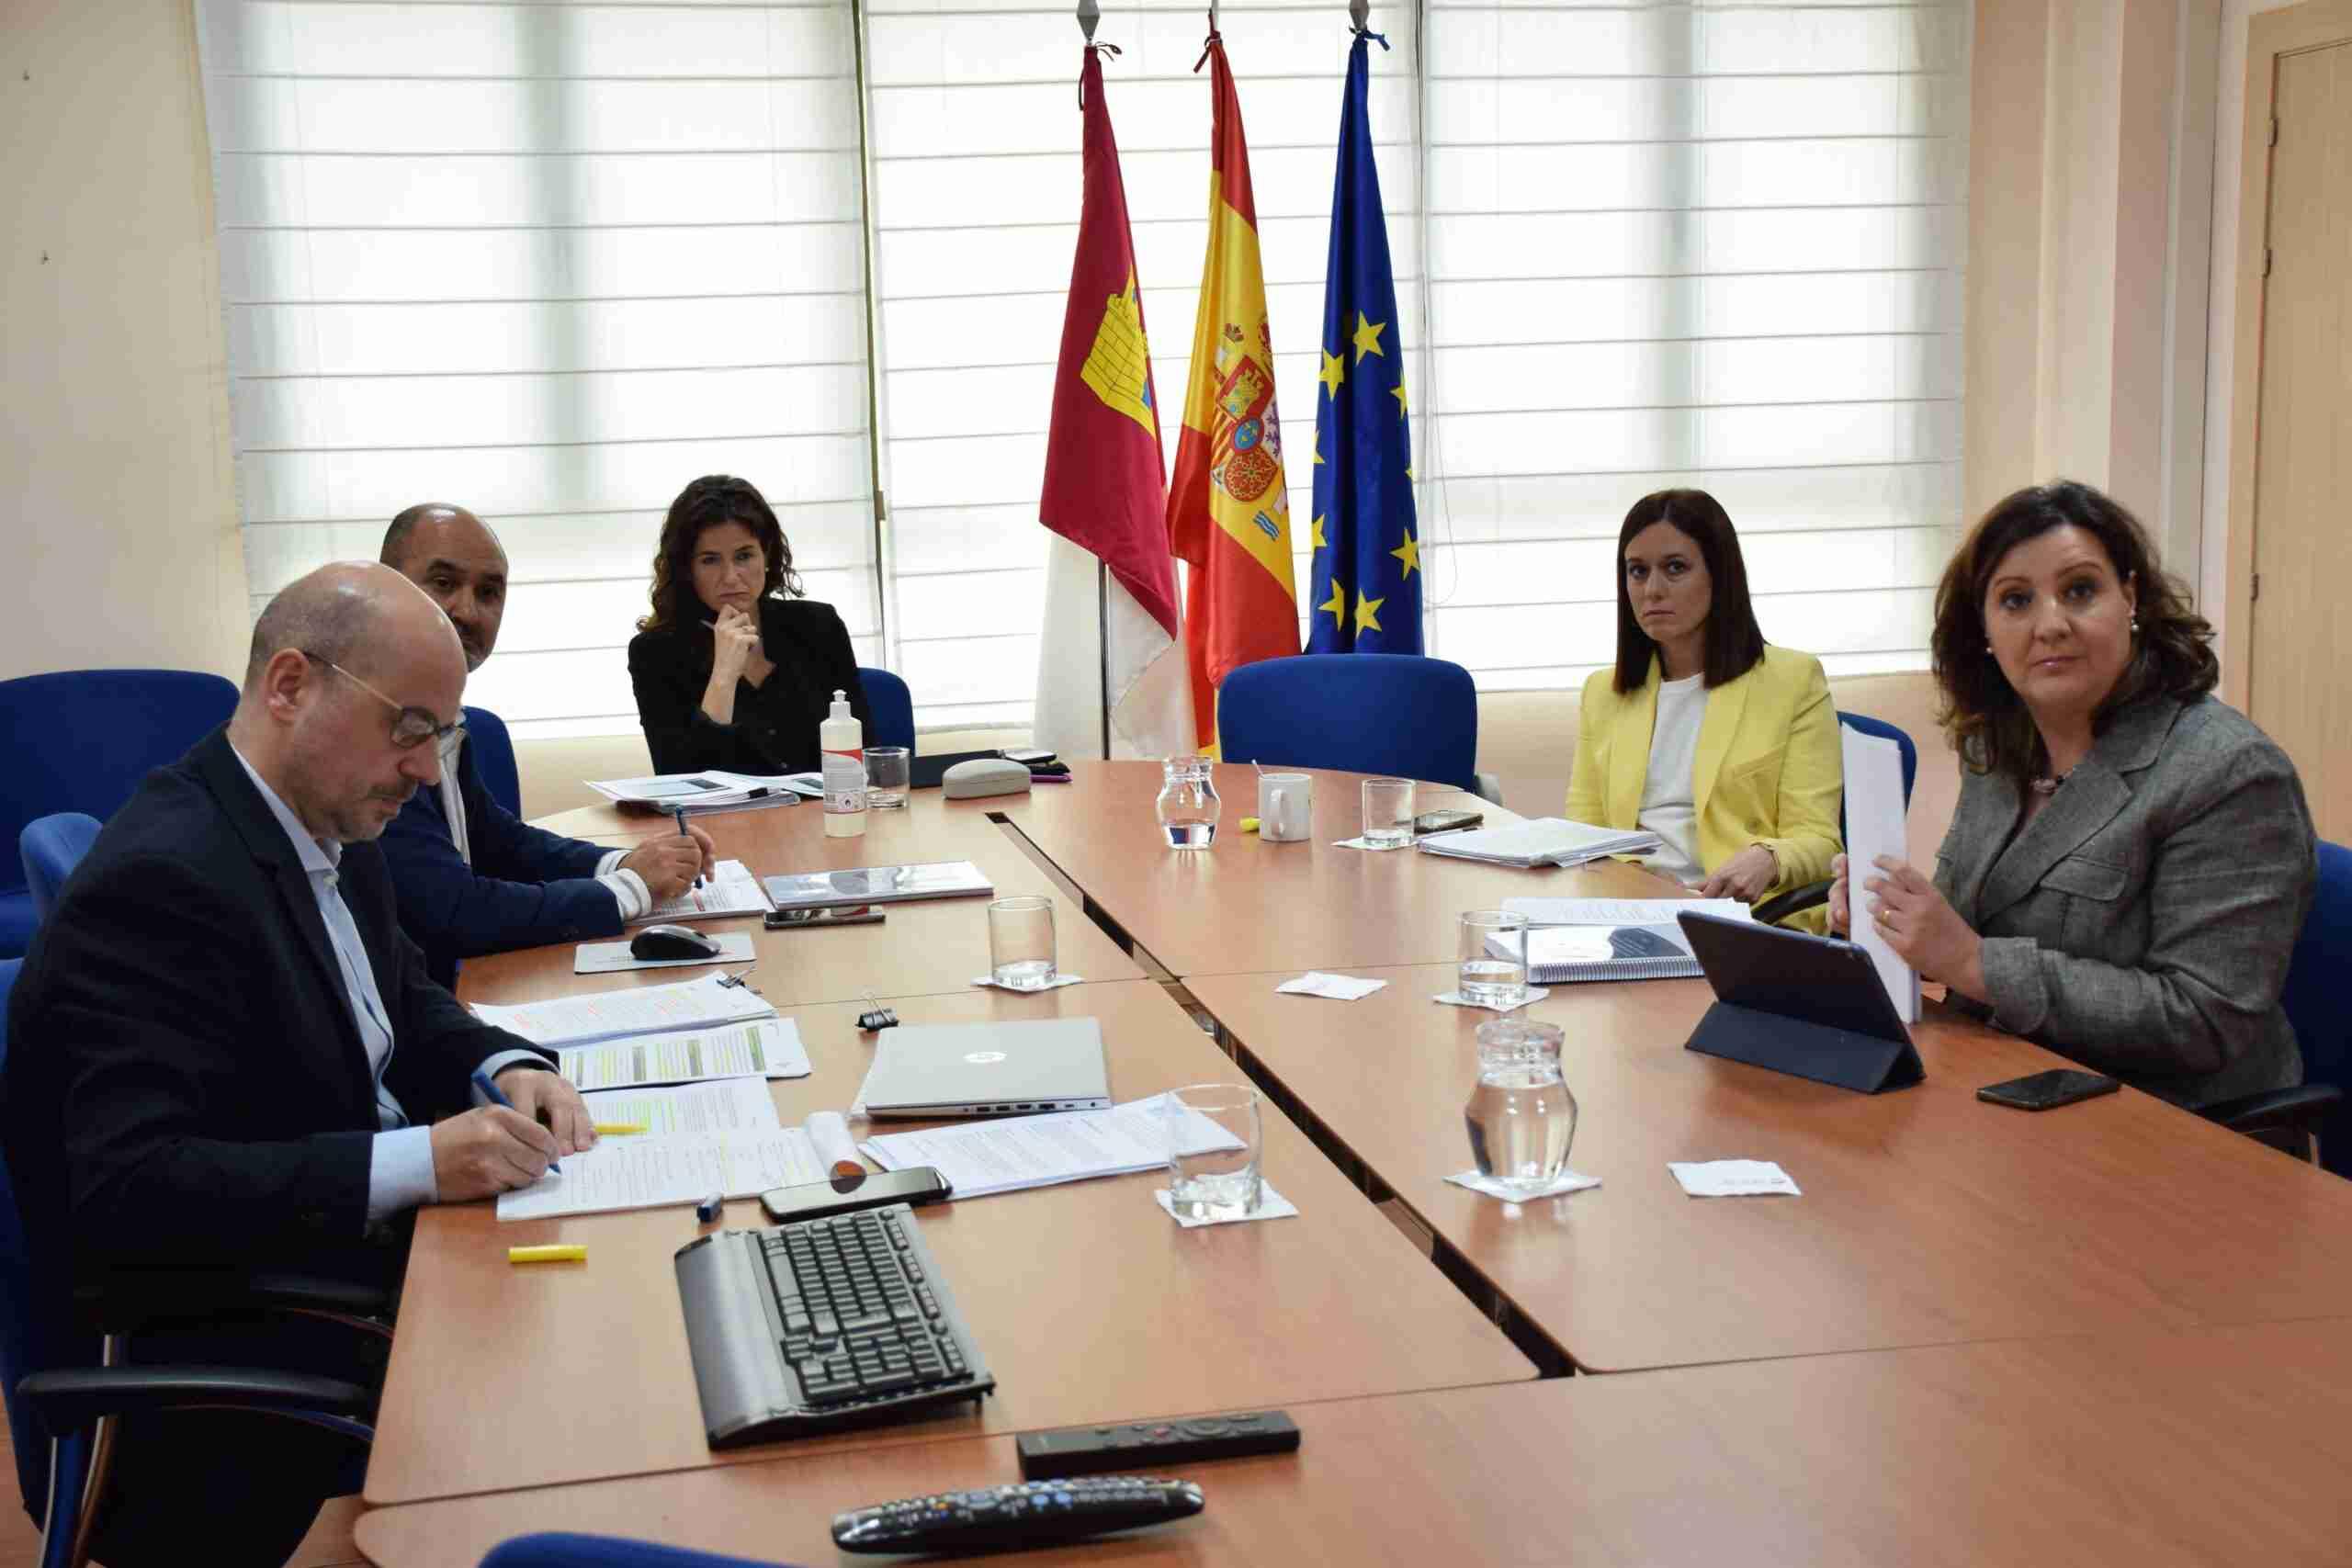 La consejera de Economía, Empresas y Empleo, Patricia Franco, expone a los grupos políticos con representación en las Cortes regionales el Plan de Medidas Extraordinarias para la Recuperación Económica 2